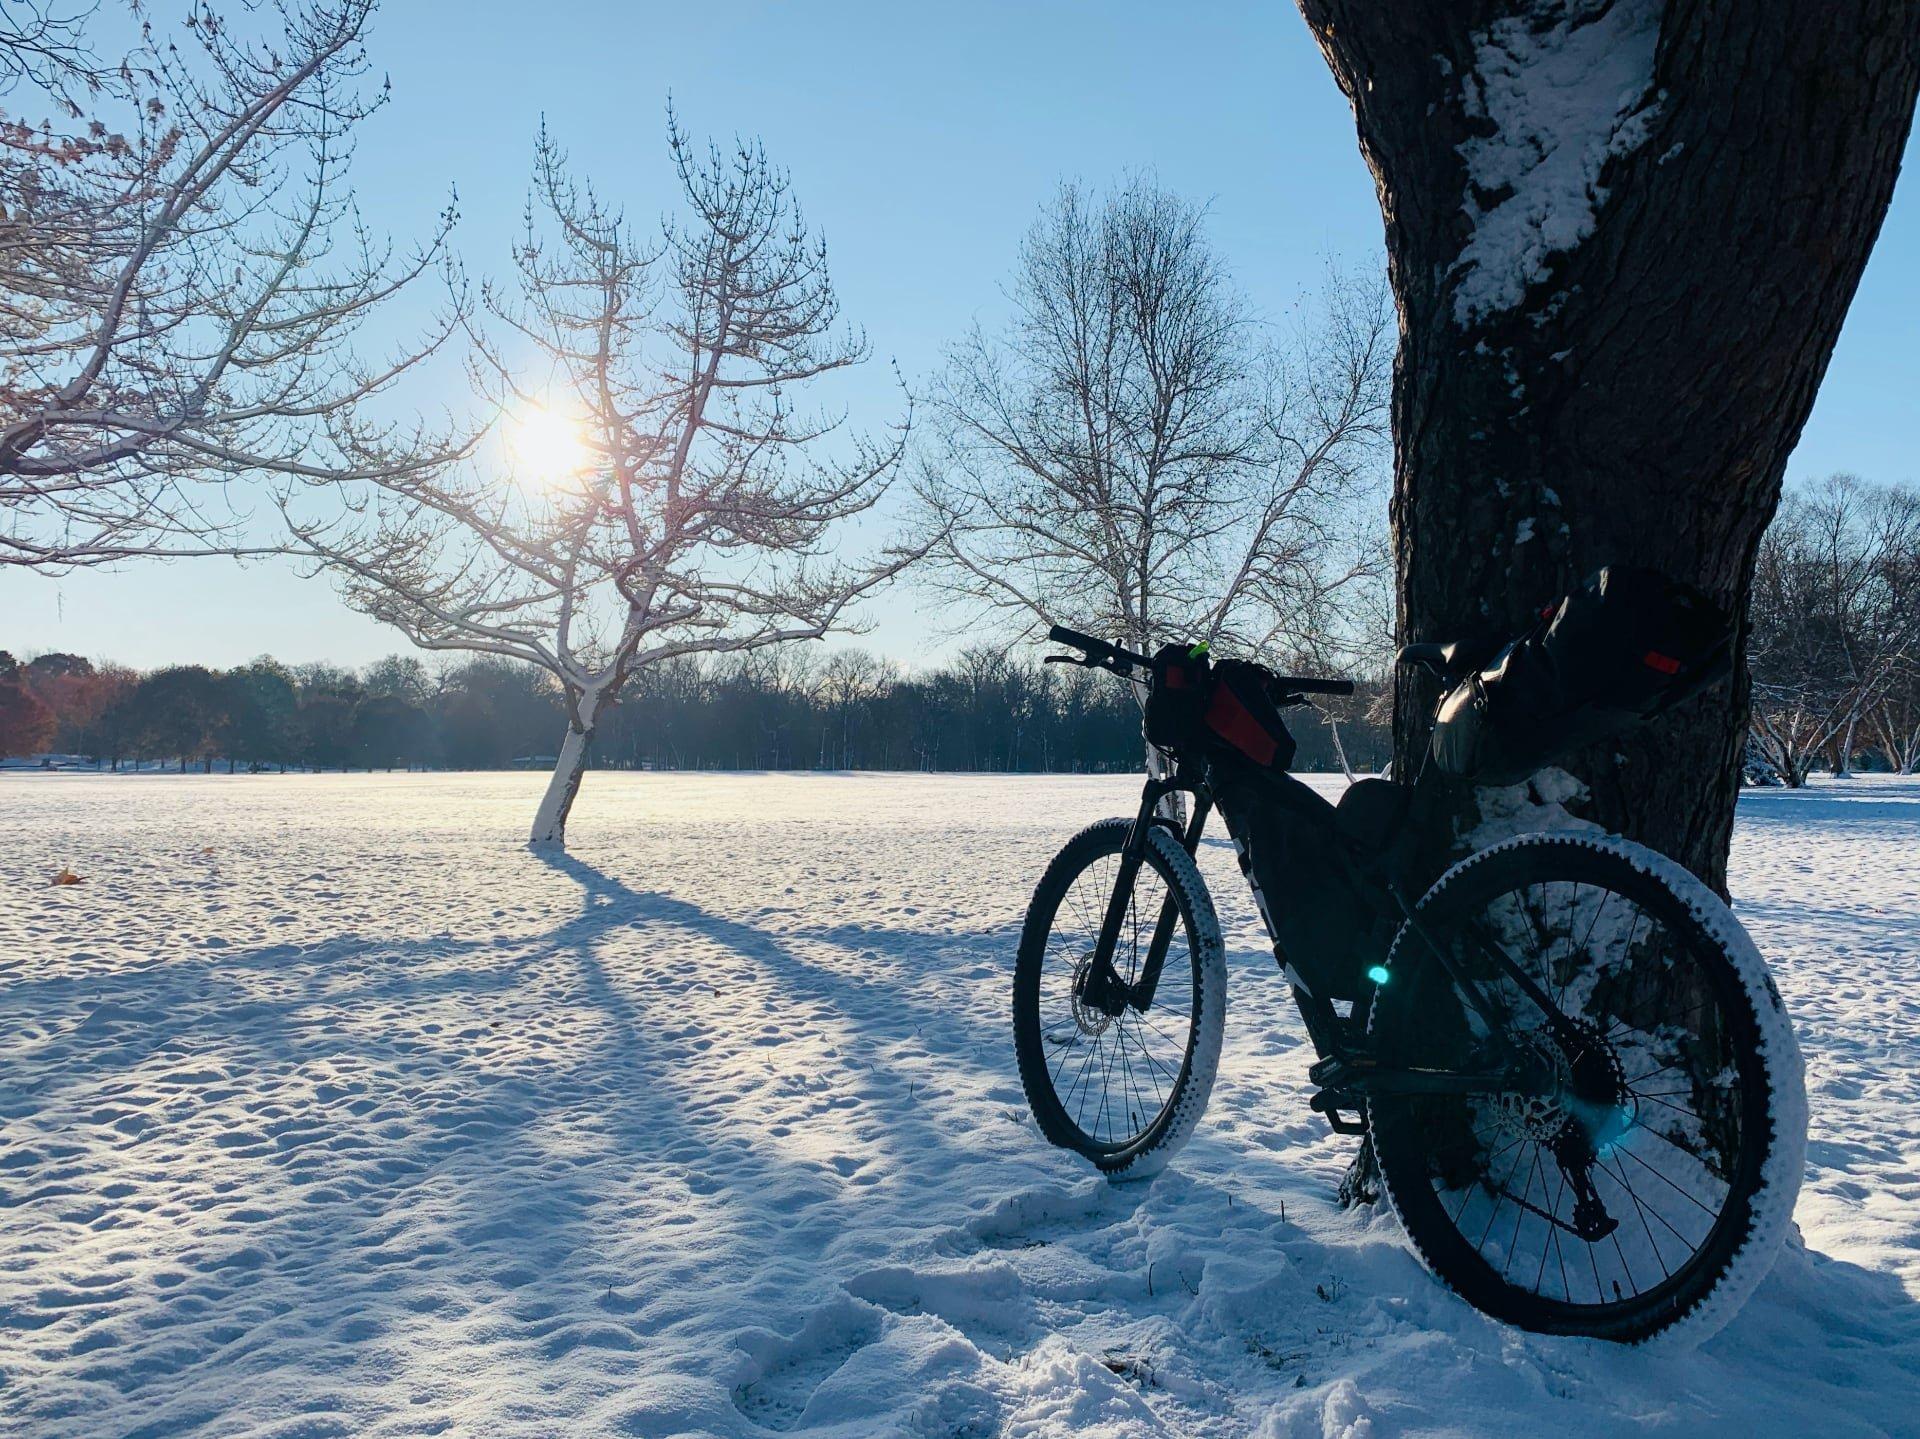 The new mountain bike riding through snow